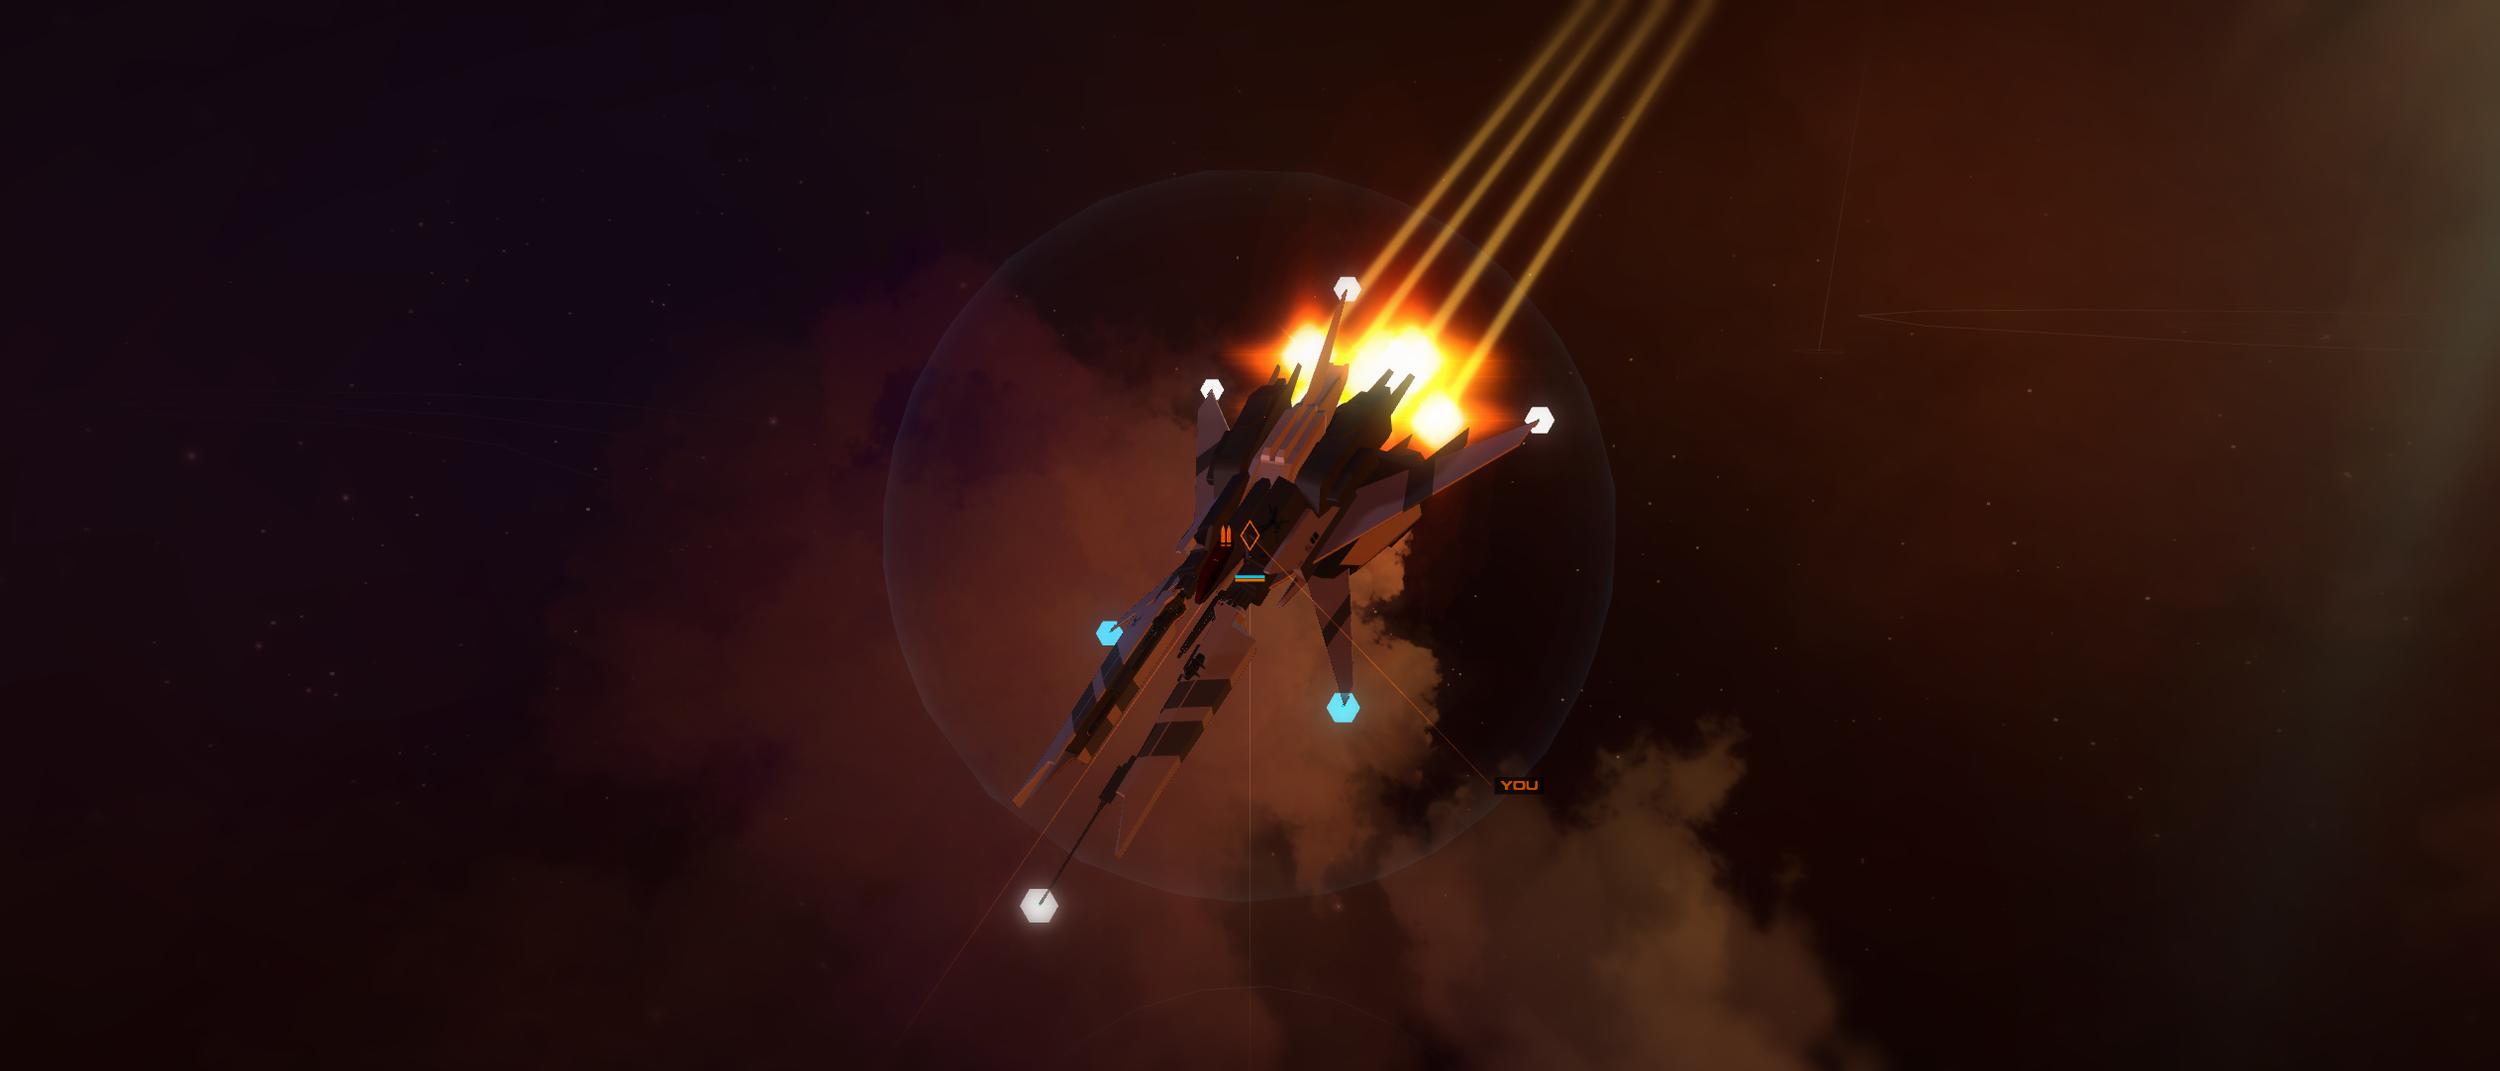 enemystarfighter_2015-07-30_15-14-16.png